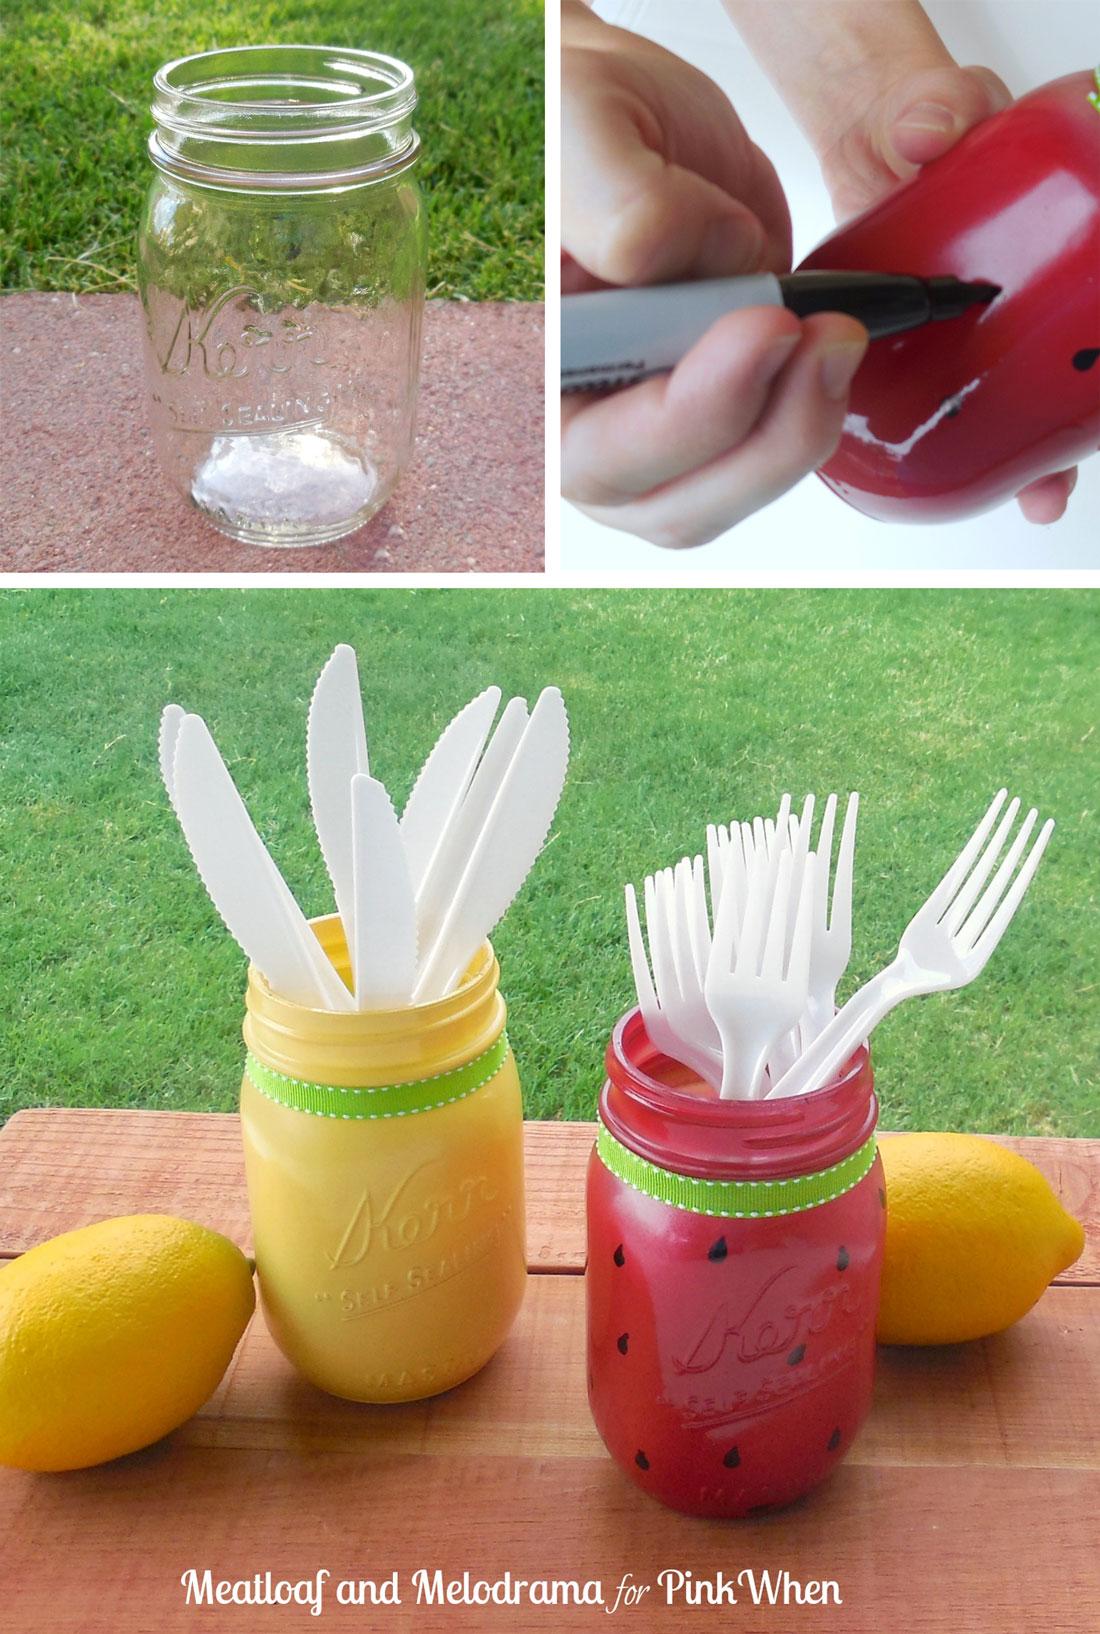 Mason-jars-sandia-y-limon-para-el-verano-diy-decoratualma-dta